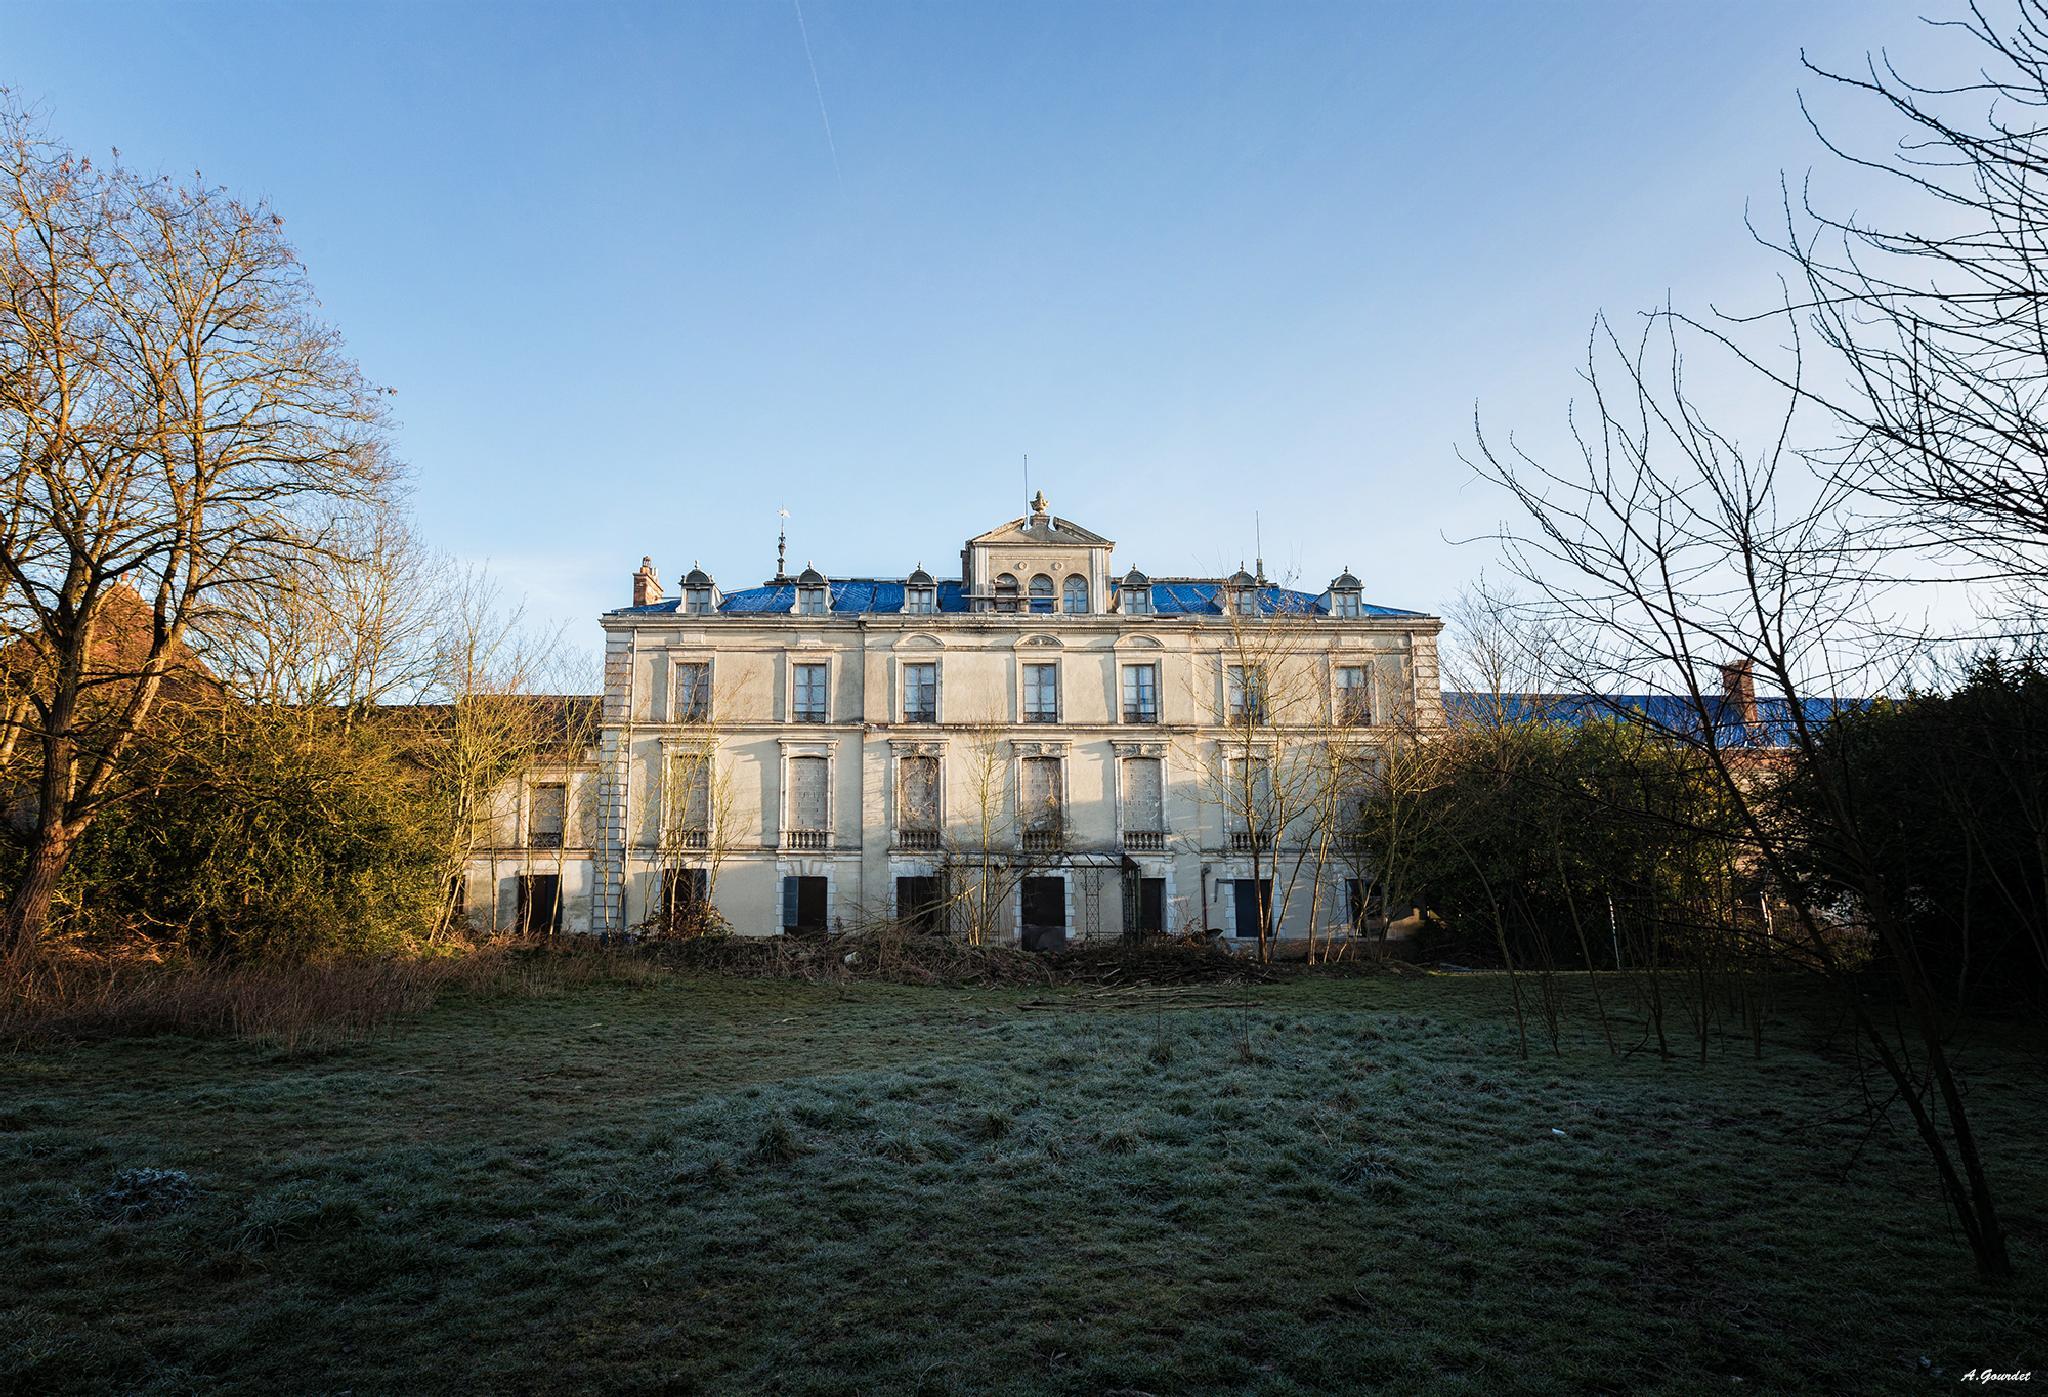 Bienvenue au château R. by anthonygourdet3